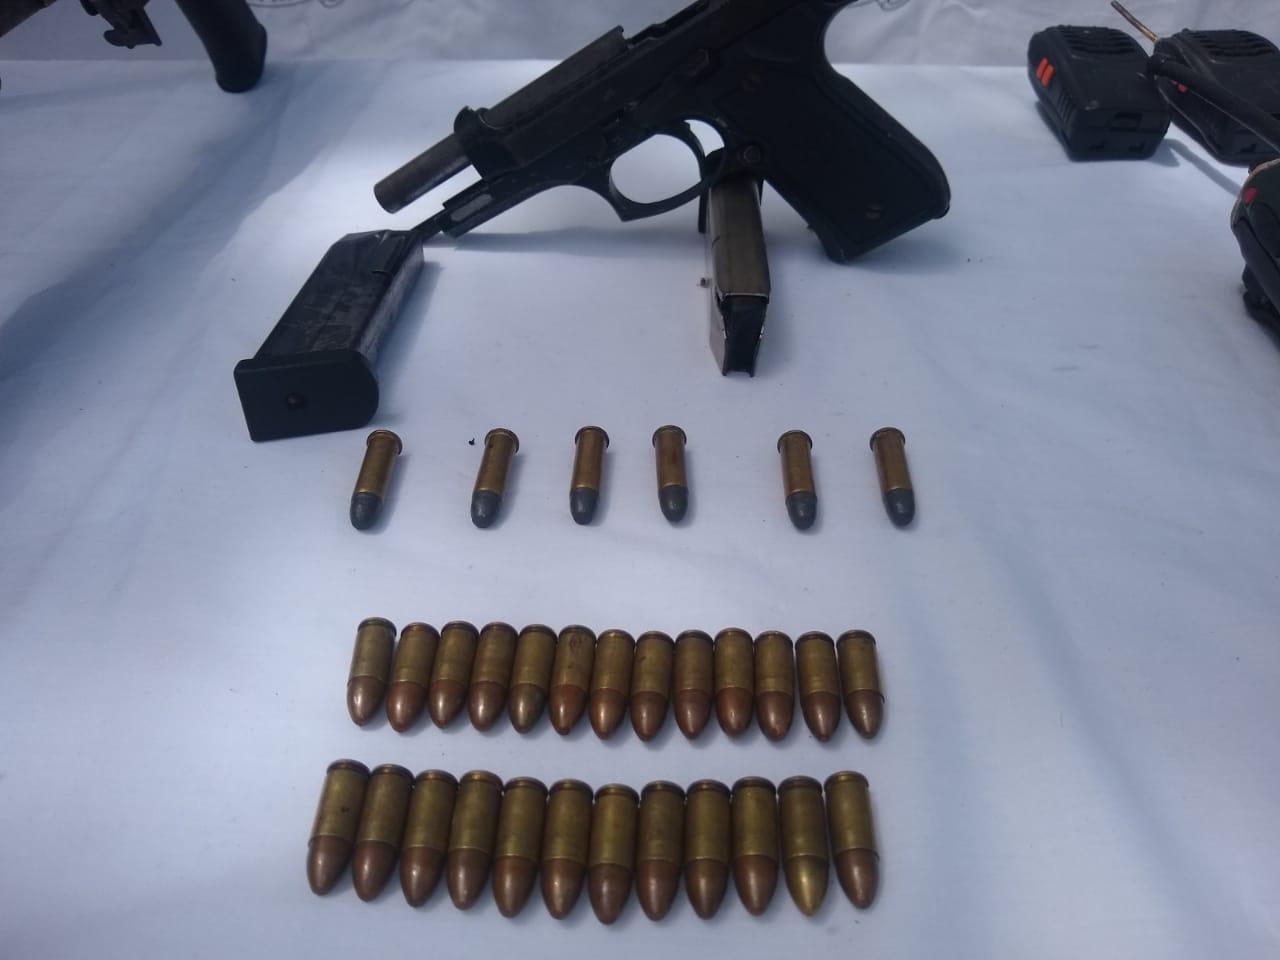 Dentro de las armas encontraron una pistola 9 milímetros,